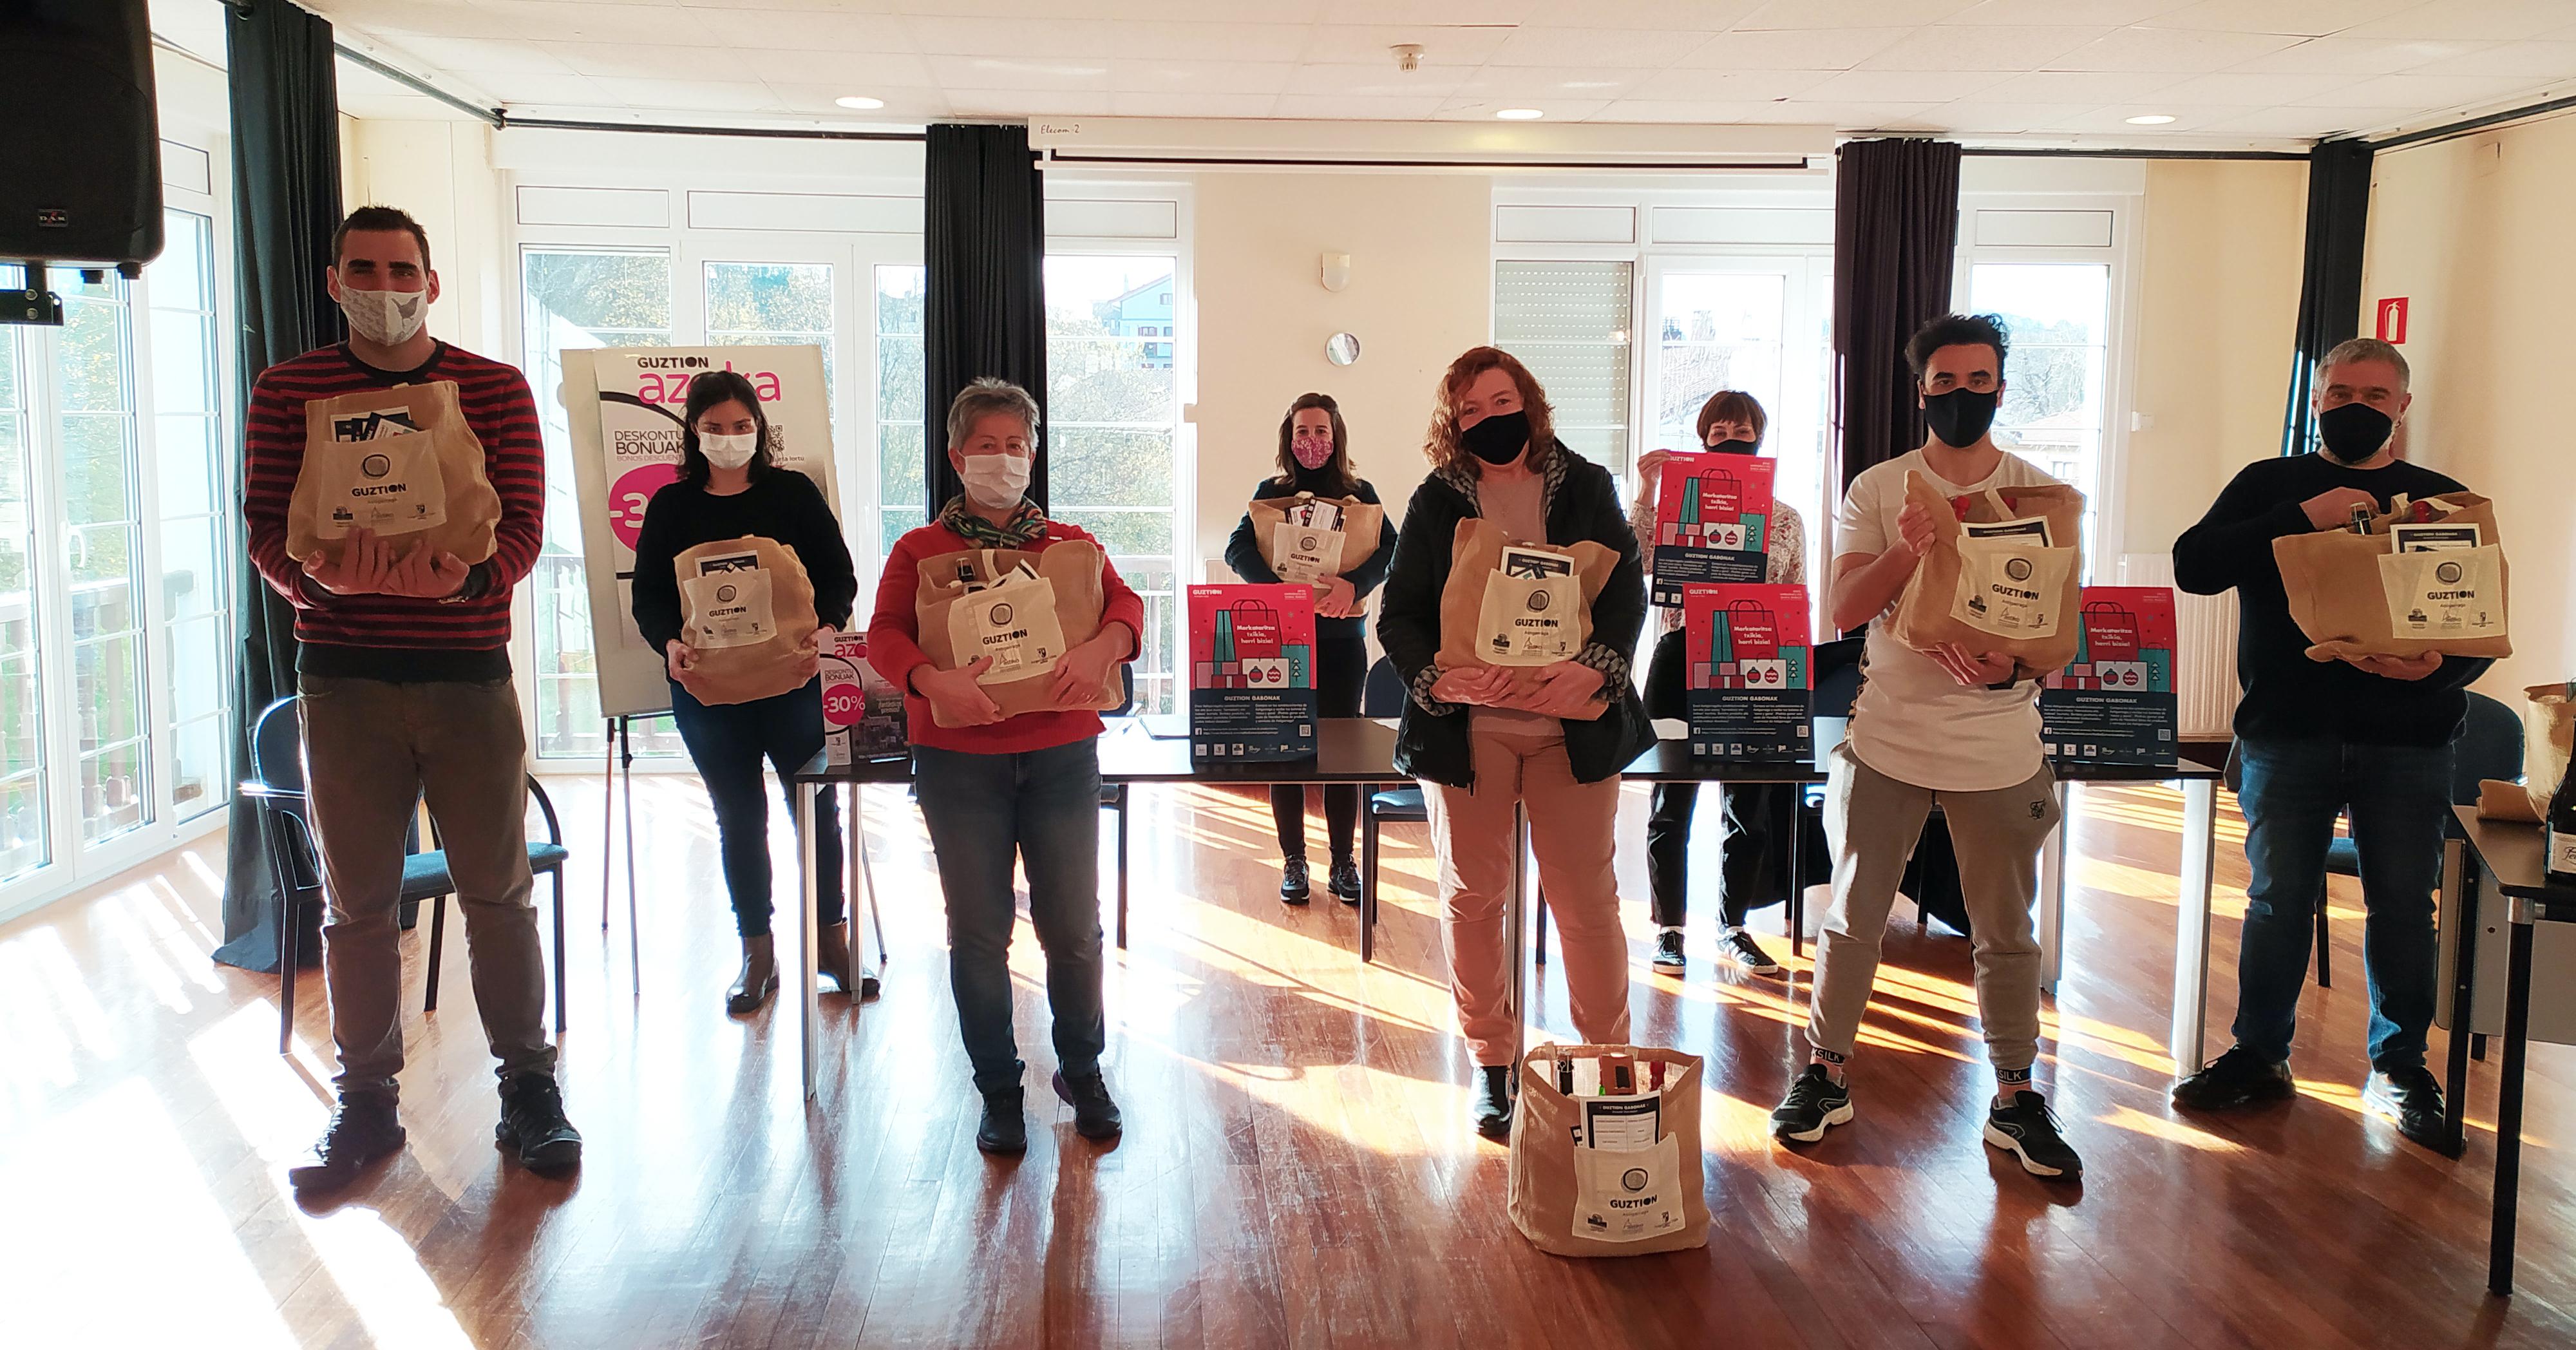 Tiendas, bares y servicios de Astigarraga repartirán cien cestas durante la campaña 'Guztion Gabonak'